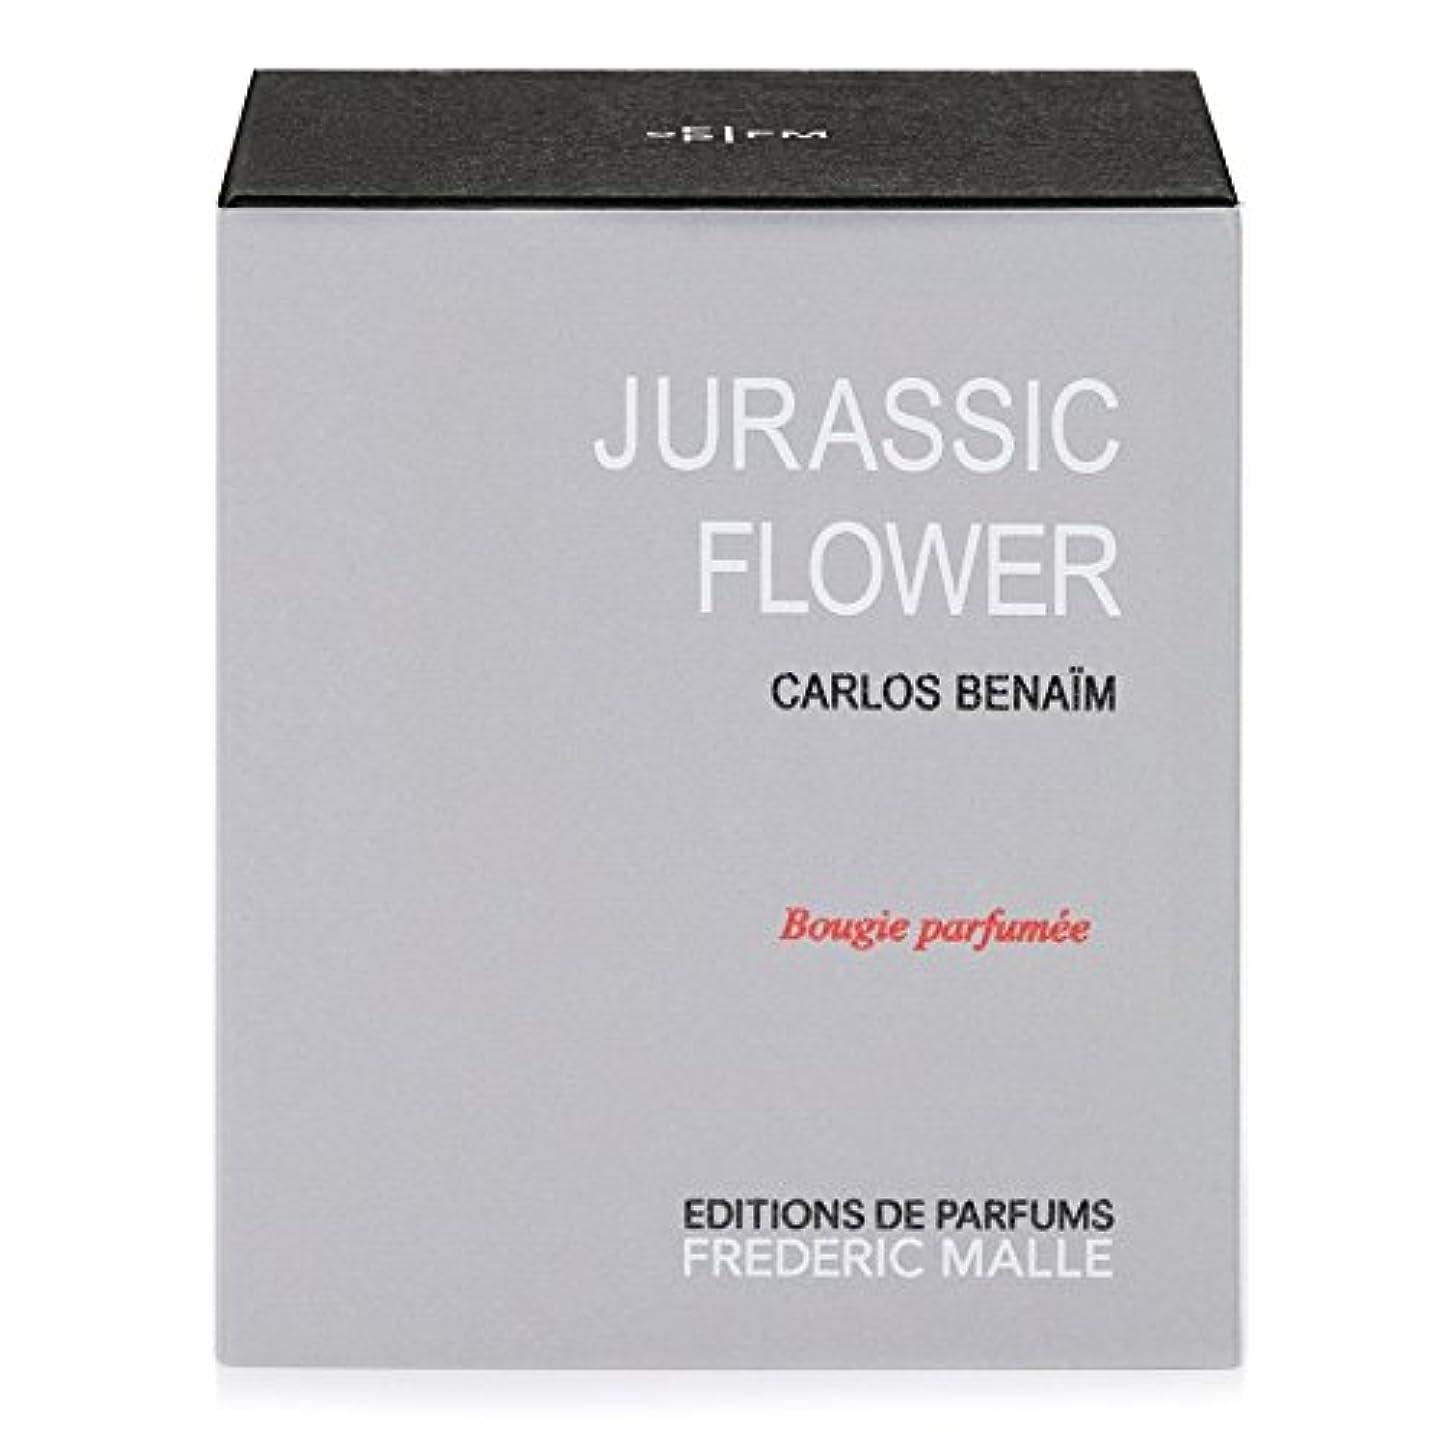 喉が渇いた肉屋マウスFrederic Malle Jurassic Flower Scented Candle 220g - フレデリック?マルジュラ紀の花の香りのキャンドル220グラム [並行輸入品]